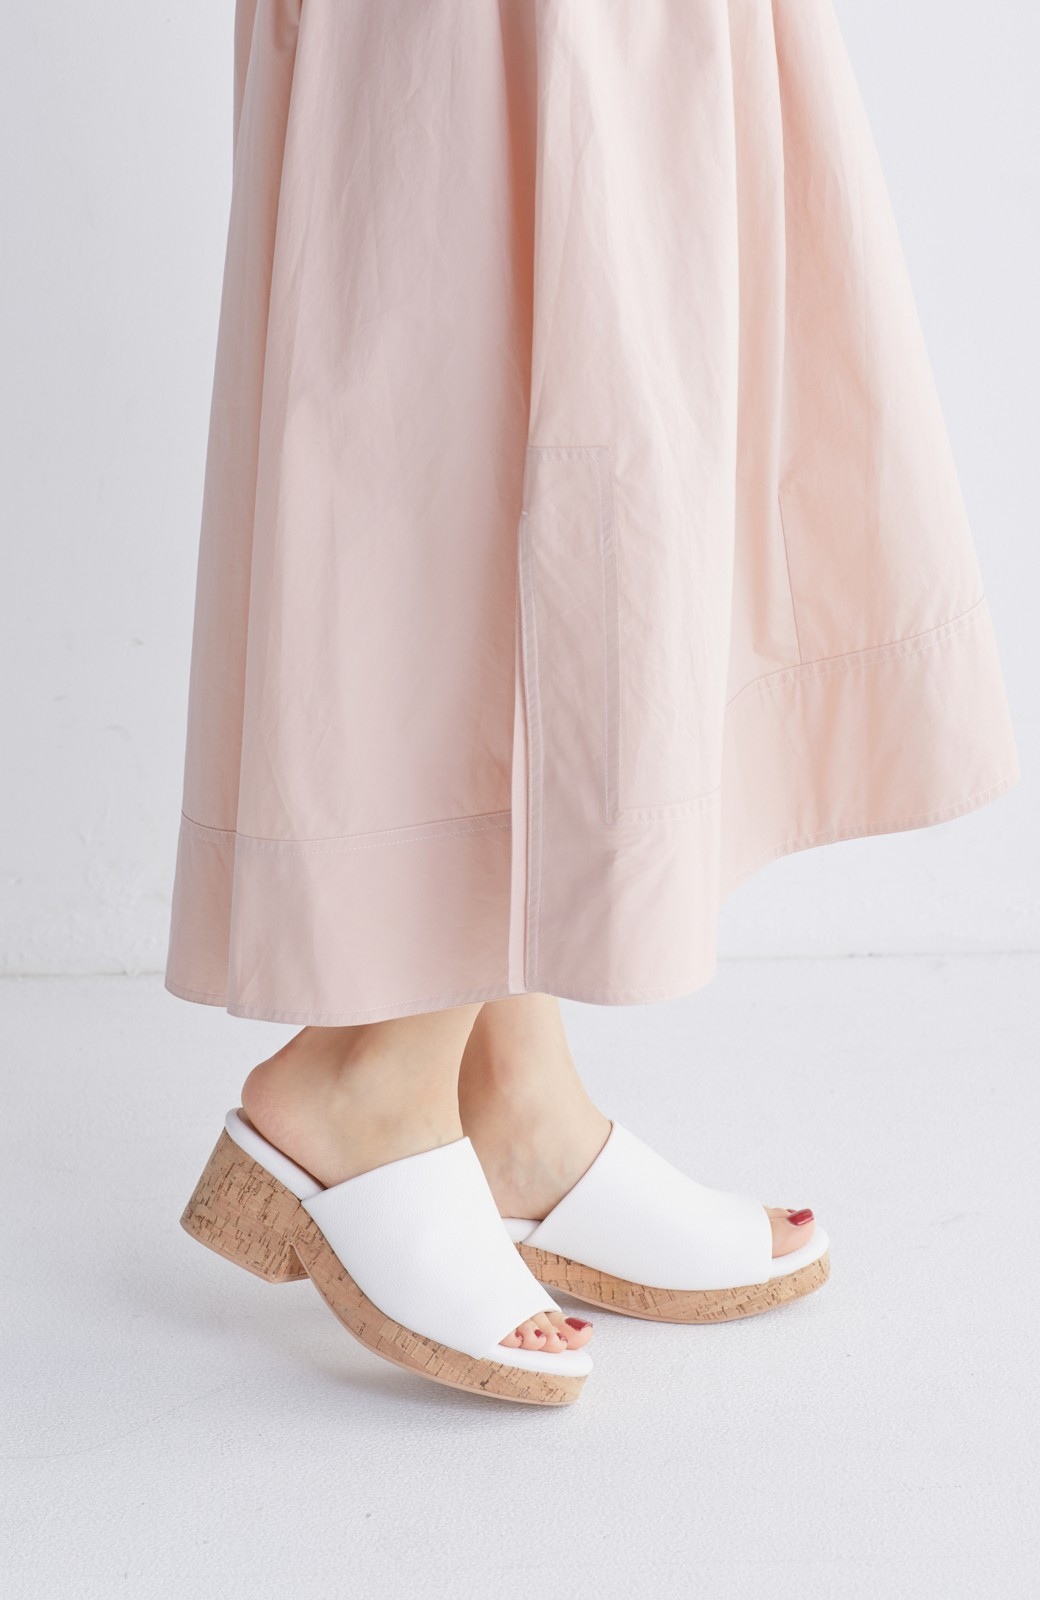 nusy 低&高反発で歩きやすい サボみたいにすぽっとはけるオープントゥサンダル <ホワイト>の商品写真14